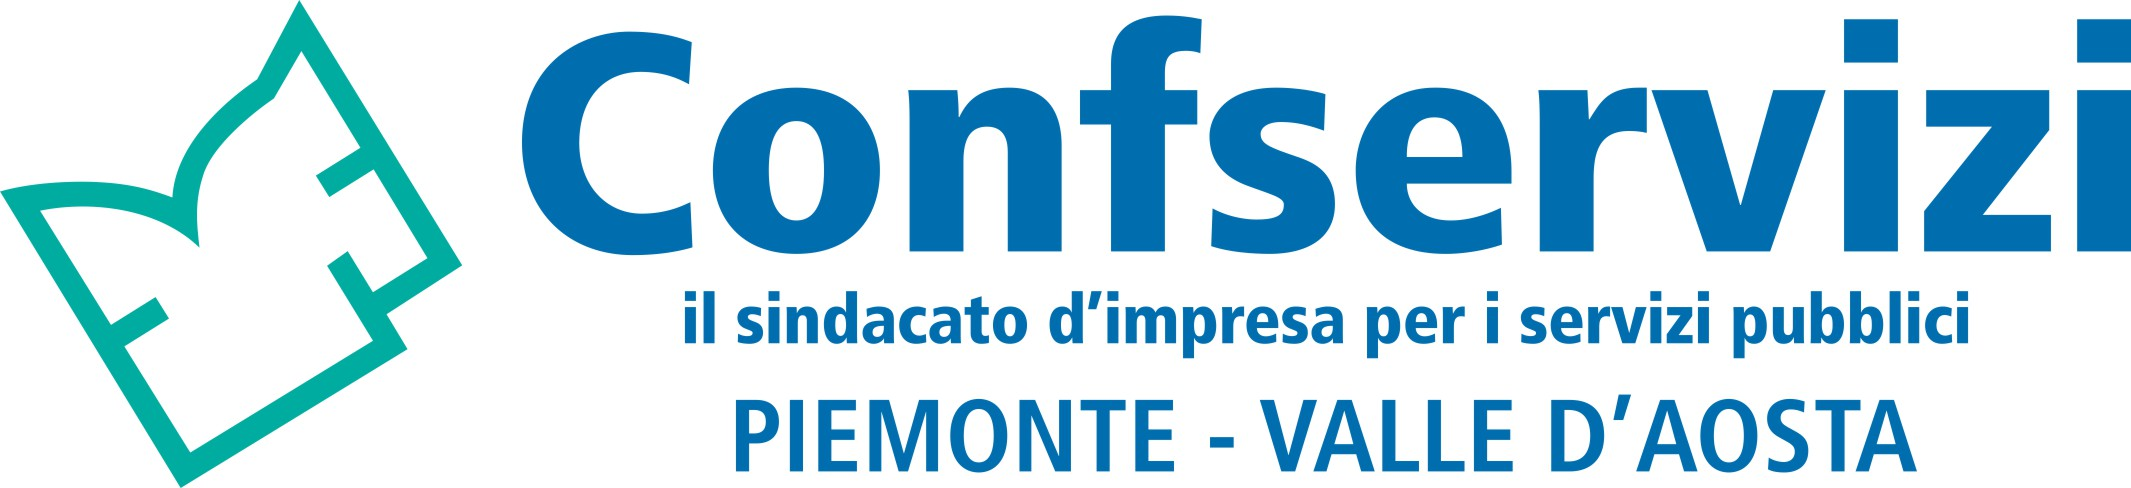 confservizi-piemonte-2013-completo